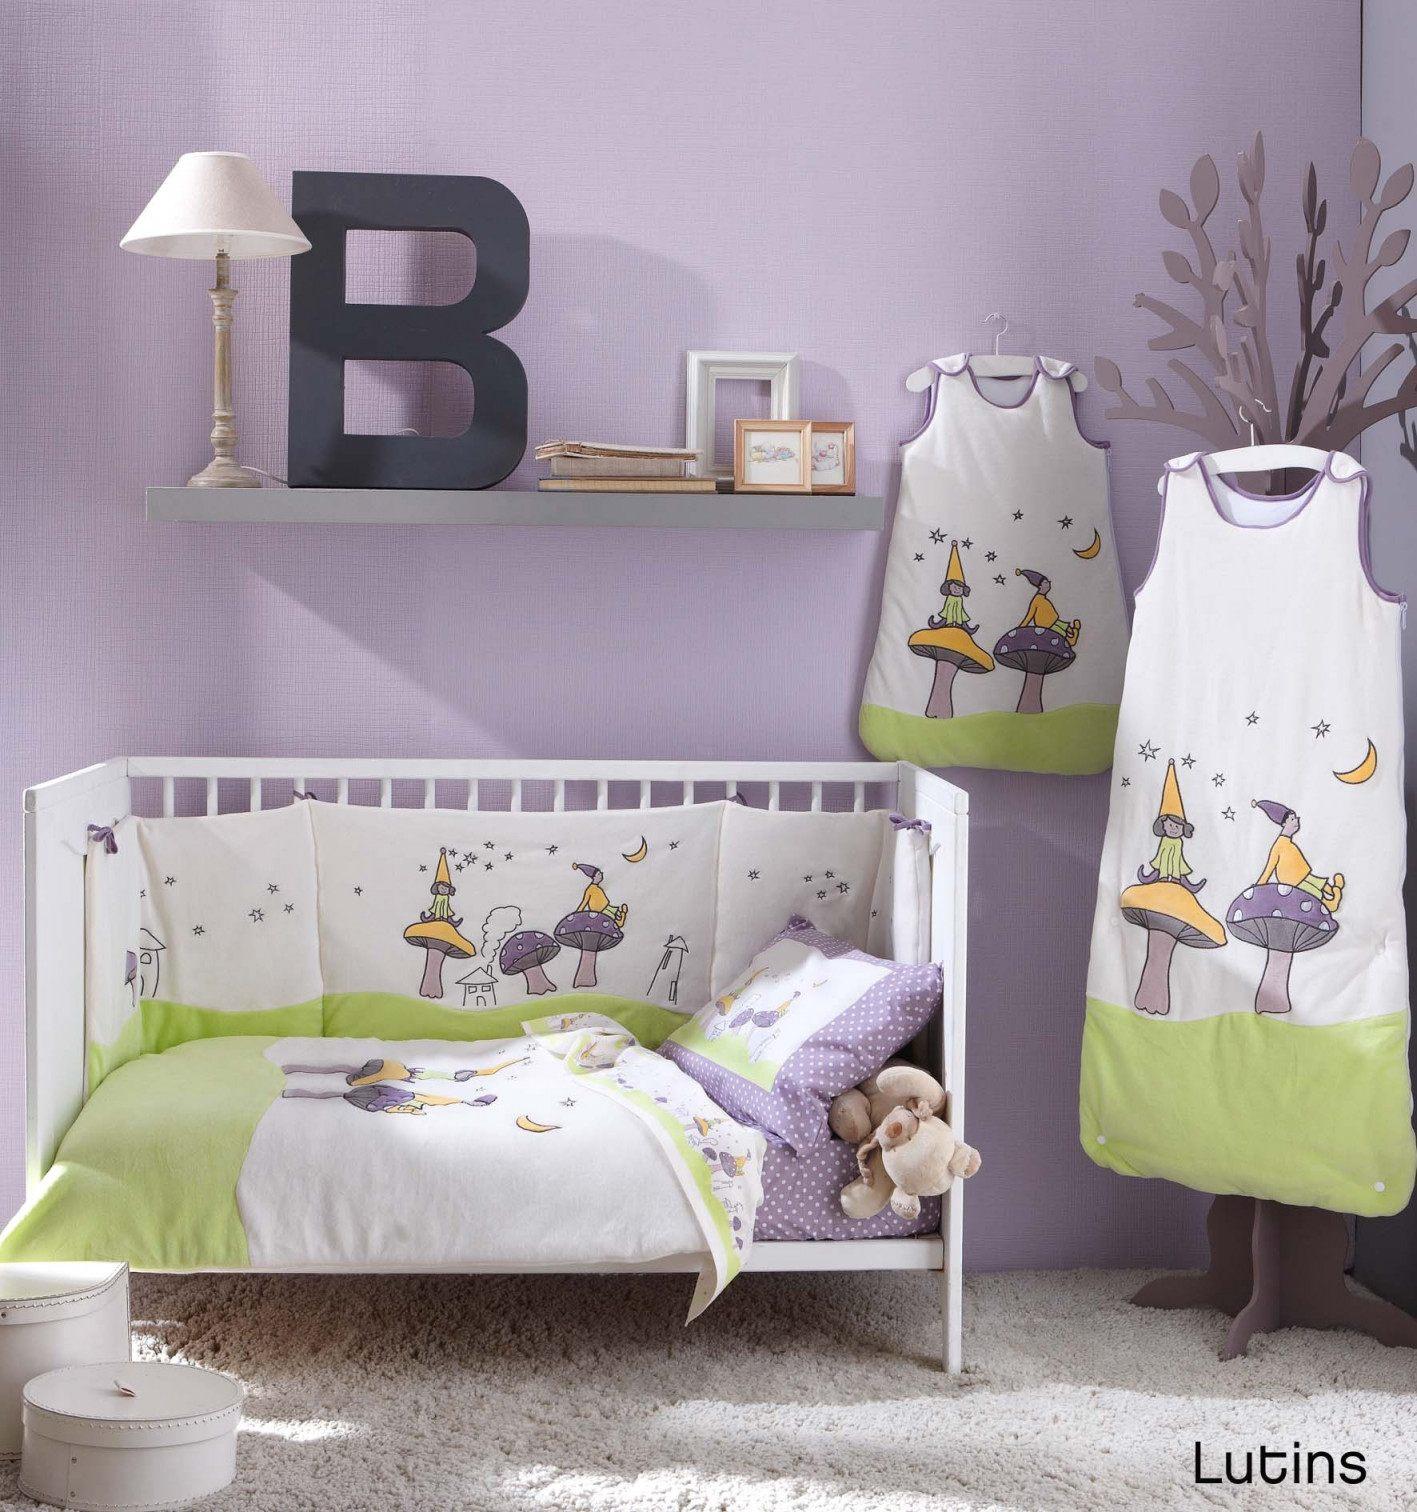 Lit Montessori Bébé 9 Mois Inspirant 55 Chic Baignoire Bébé 6 Mois